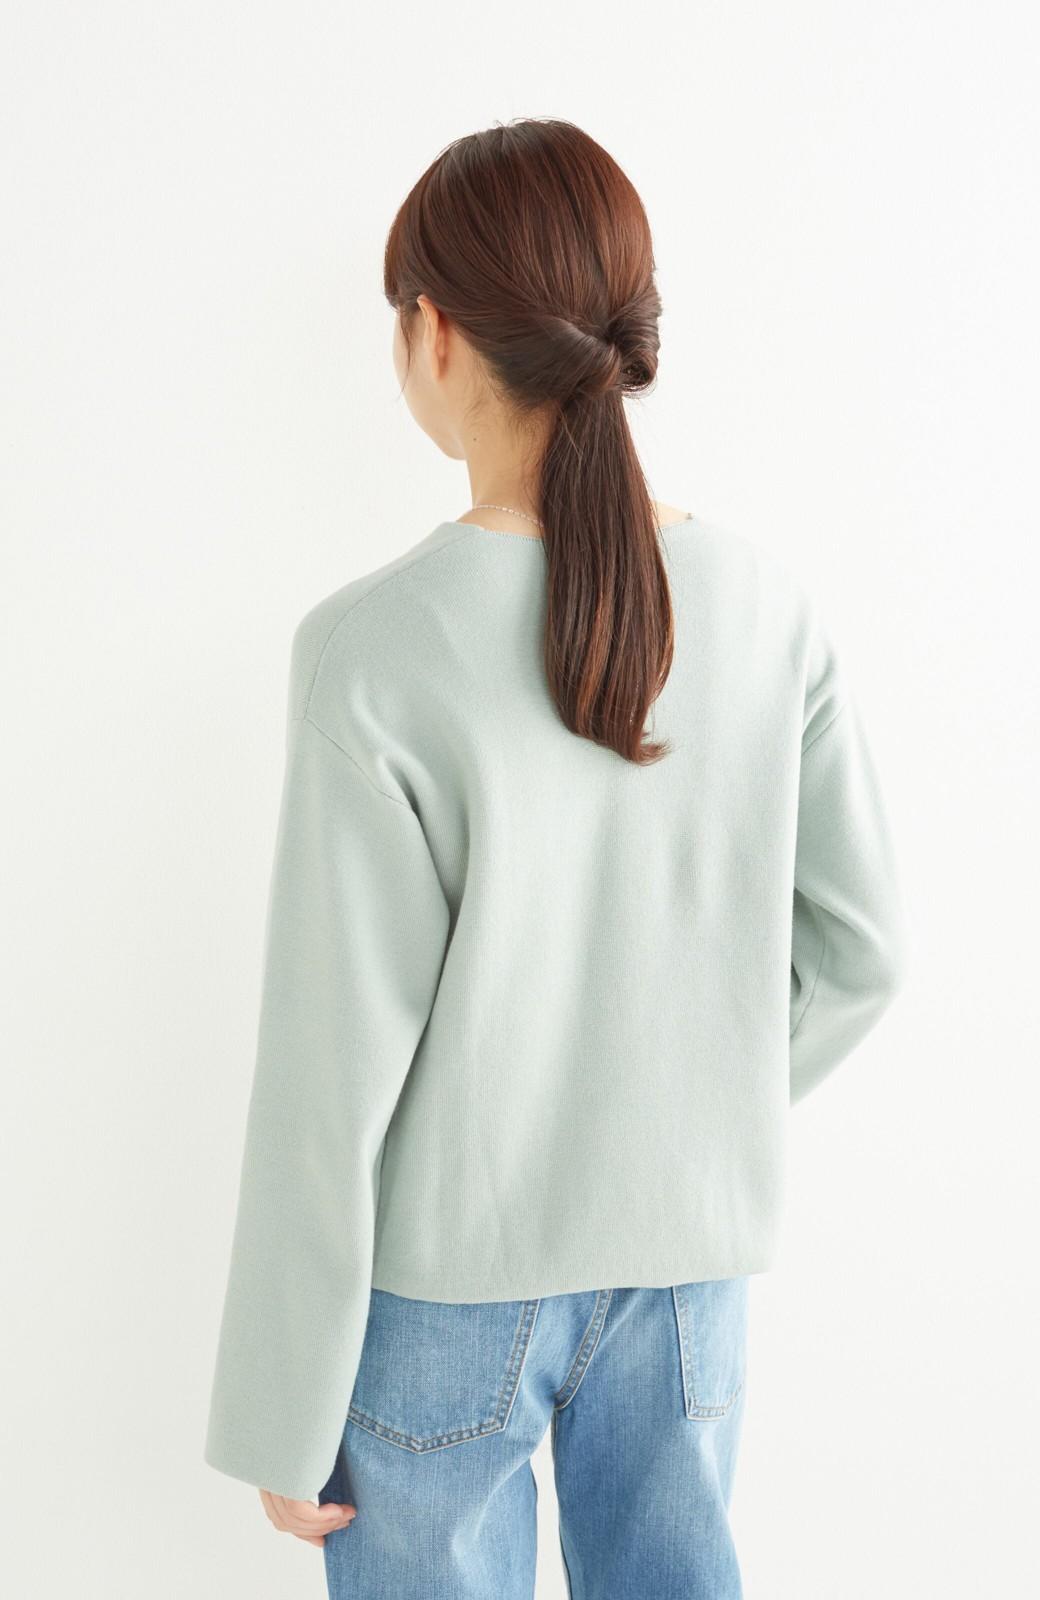 エムトロワ パッと着るだけでいい感じになれる きちんと見えて長い季節使えるミラノリブニット <ミント>の商品写真10